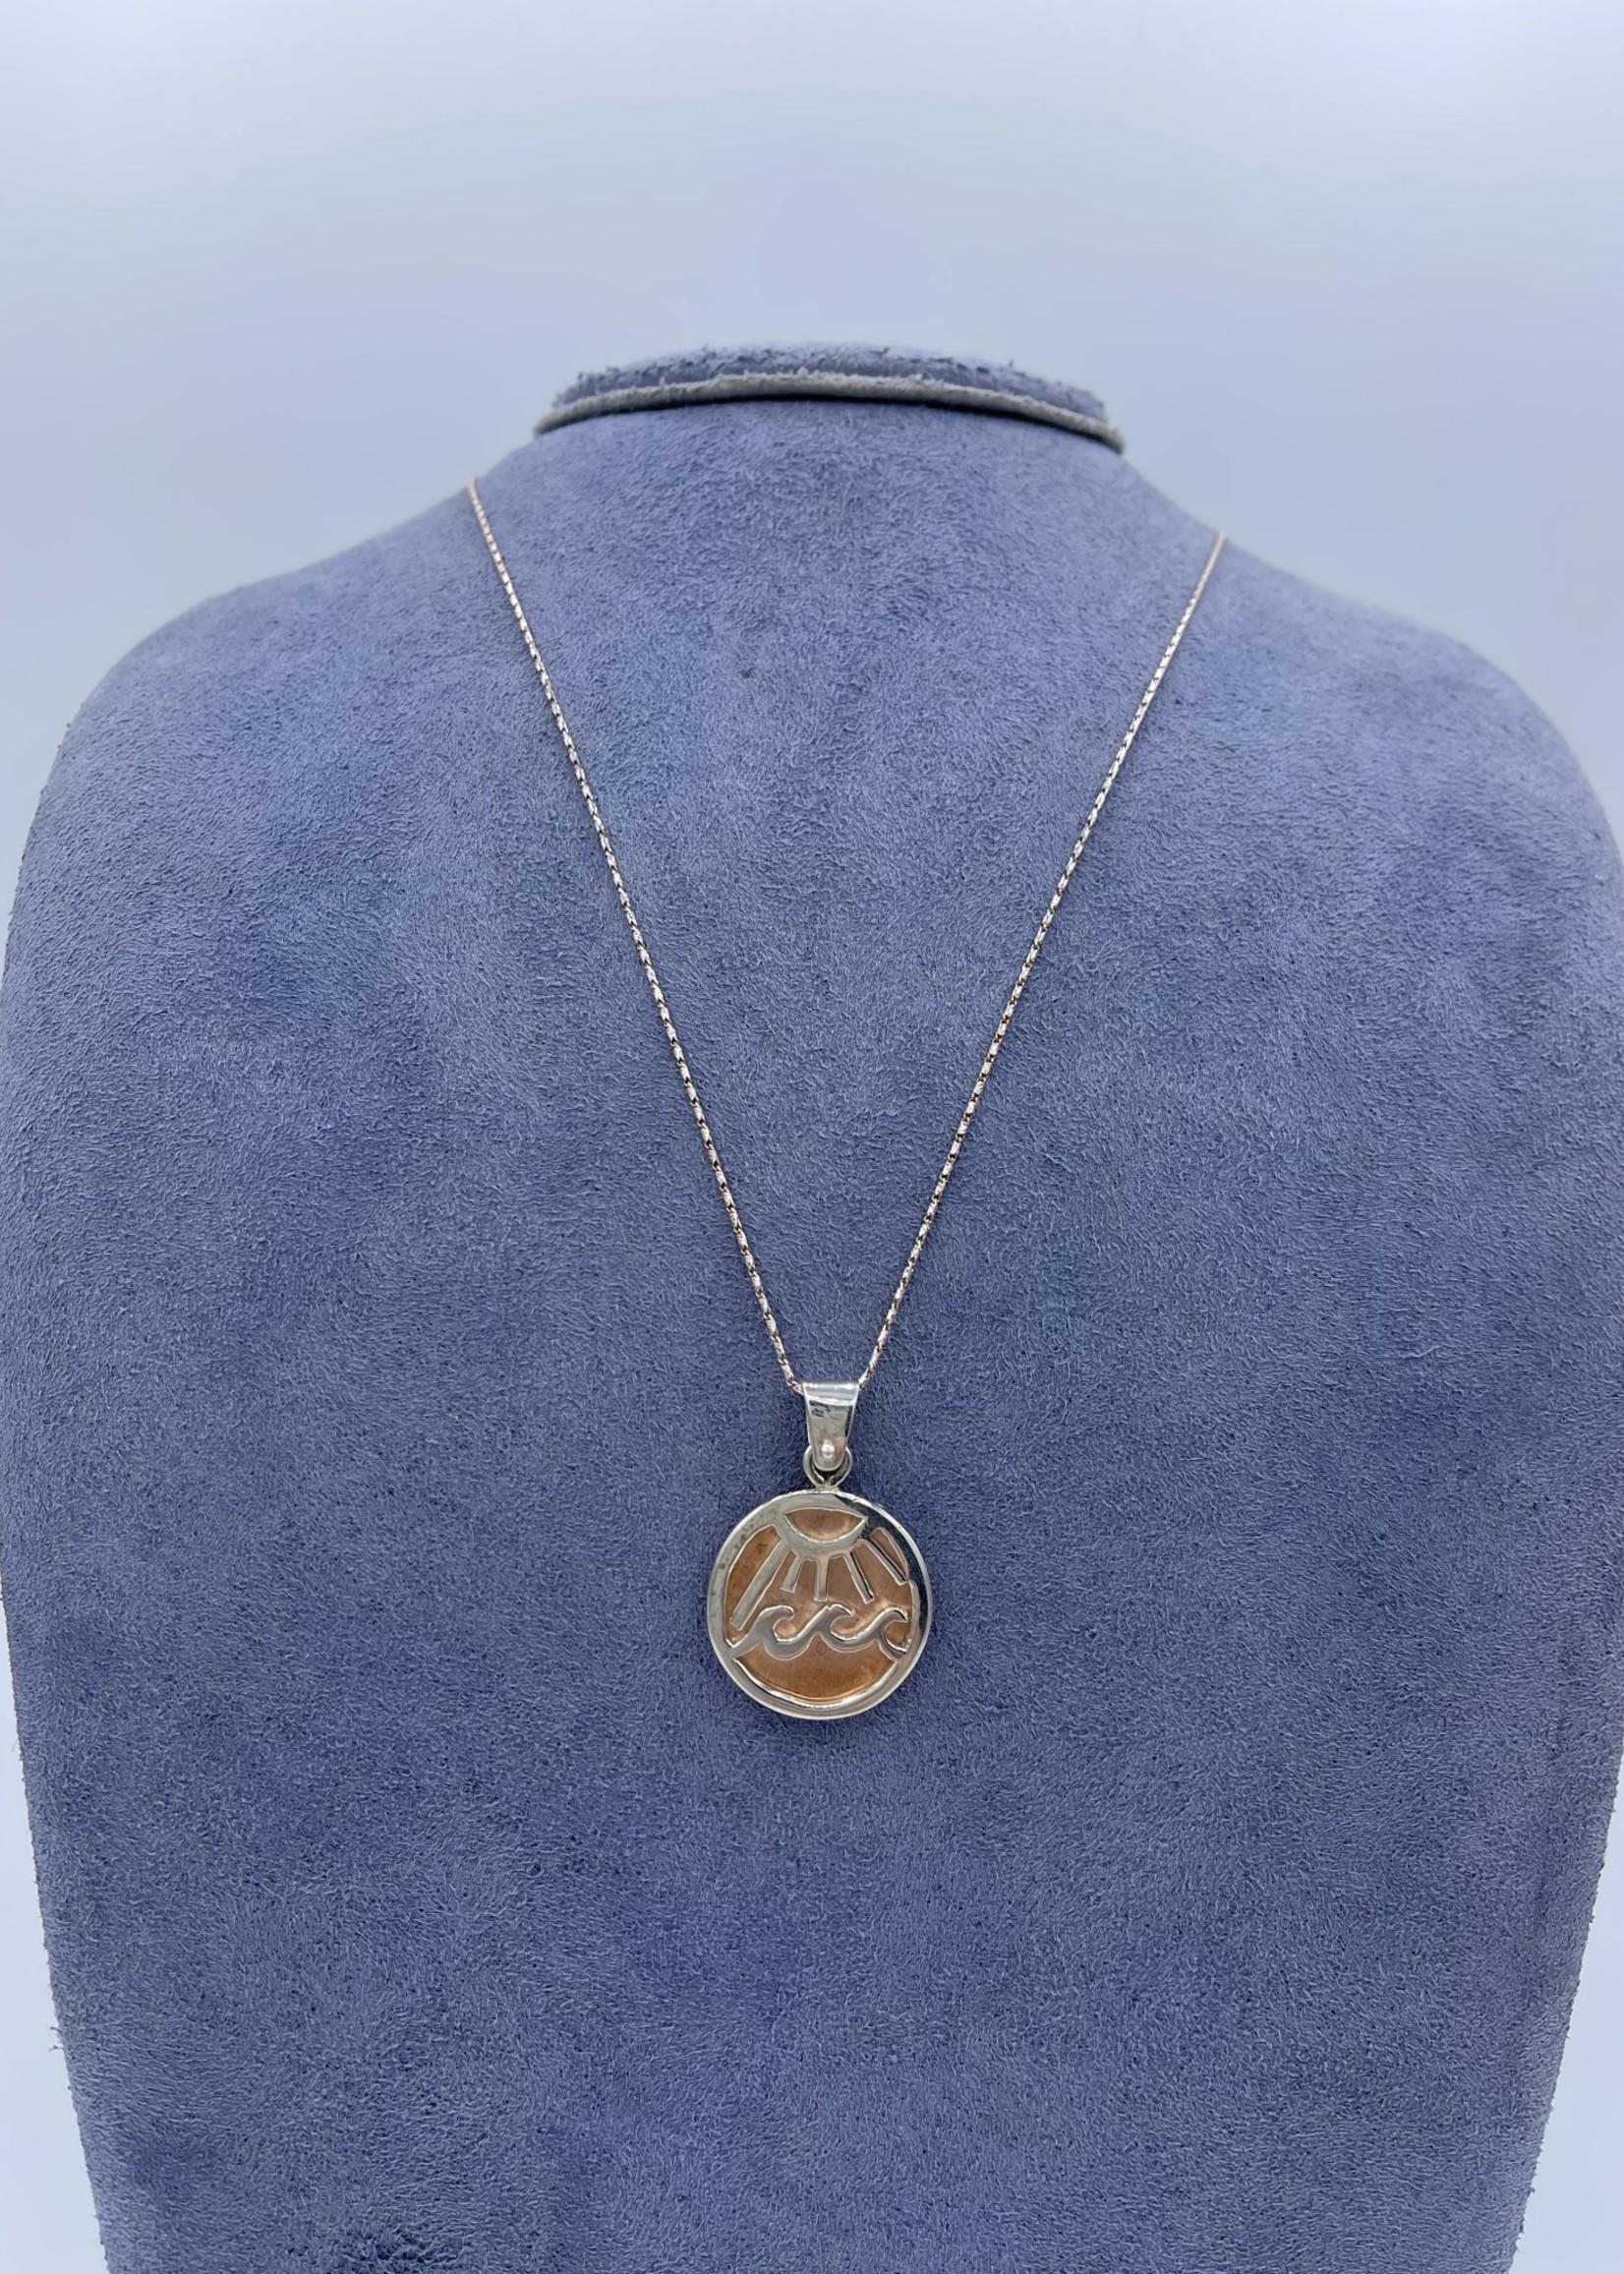 CJ Designs Silver and Copper Wave Pendant